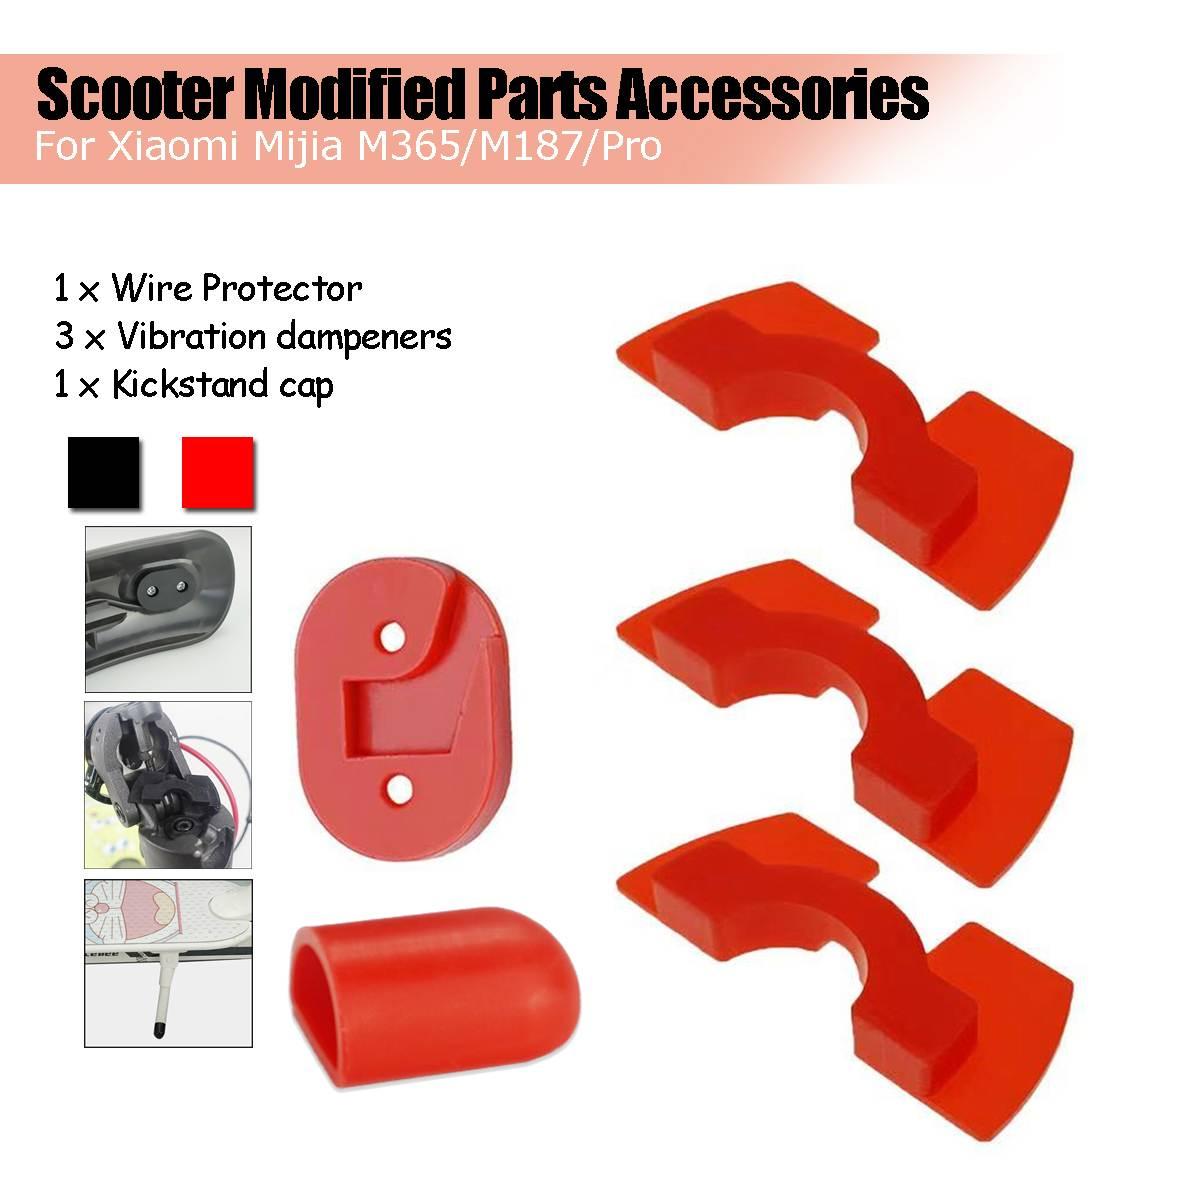 Cubierta protectora de cable de luz trasera, antivibración, para patinete eléctrico Xiaomi Mijia M365M187 Pro, accesorios de piezas modificadas